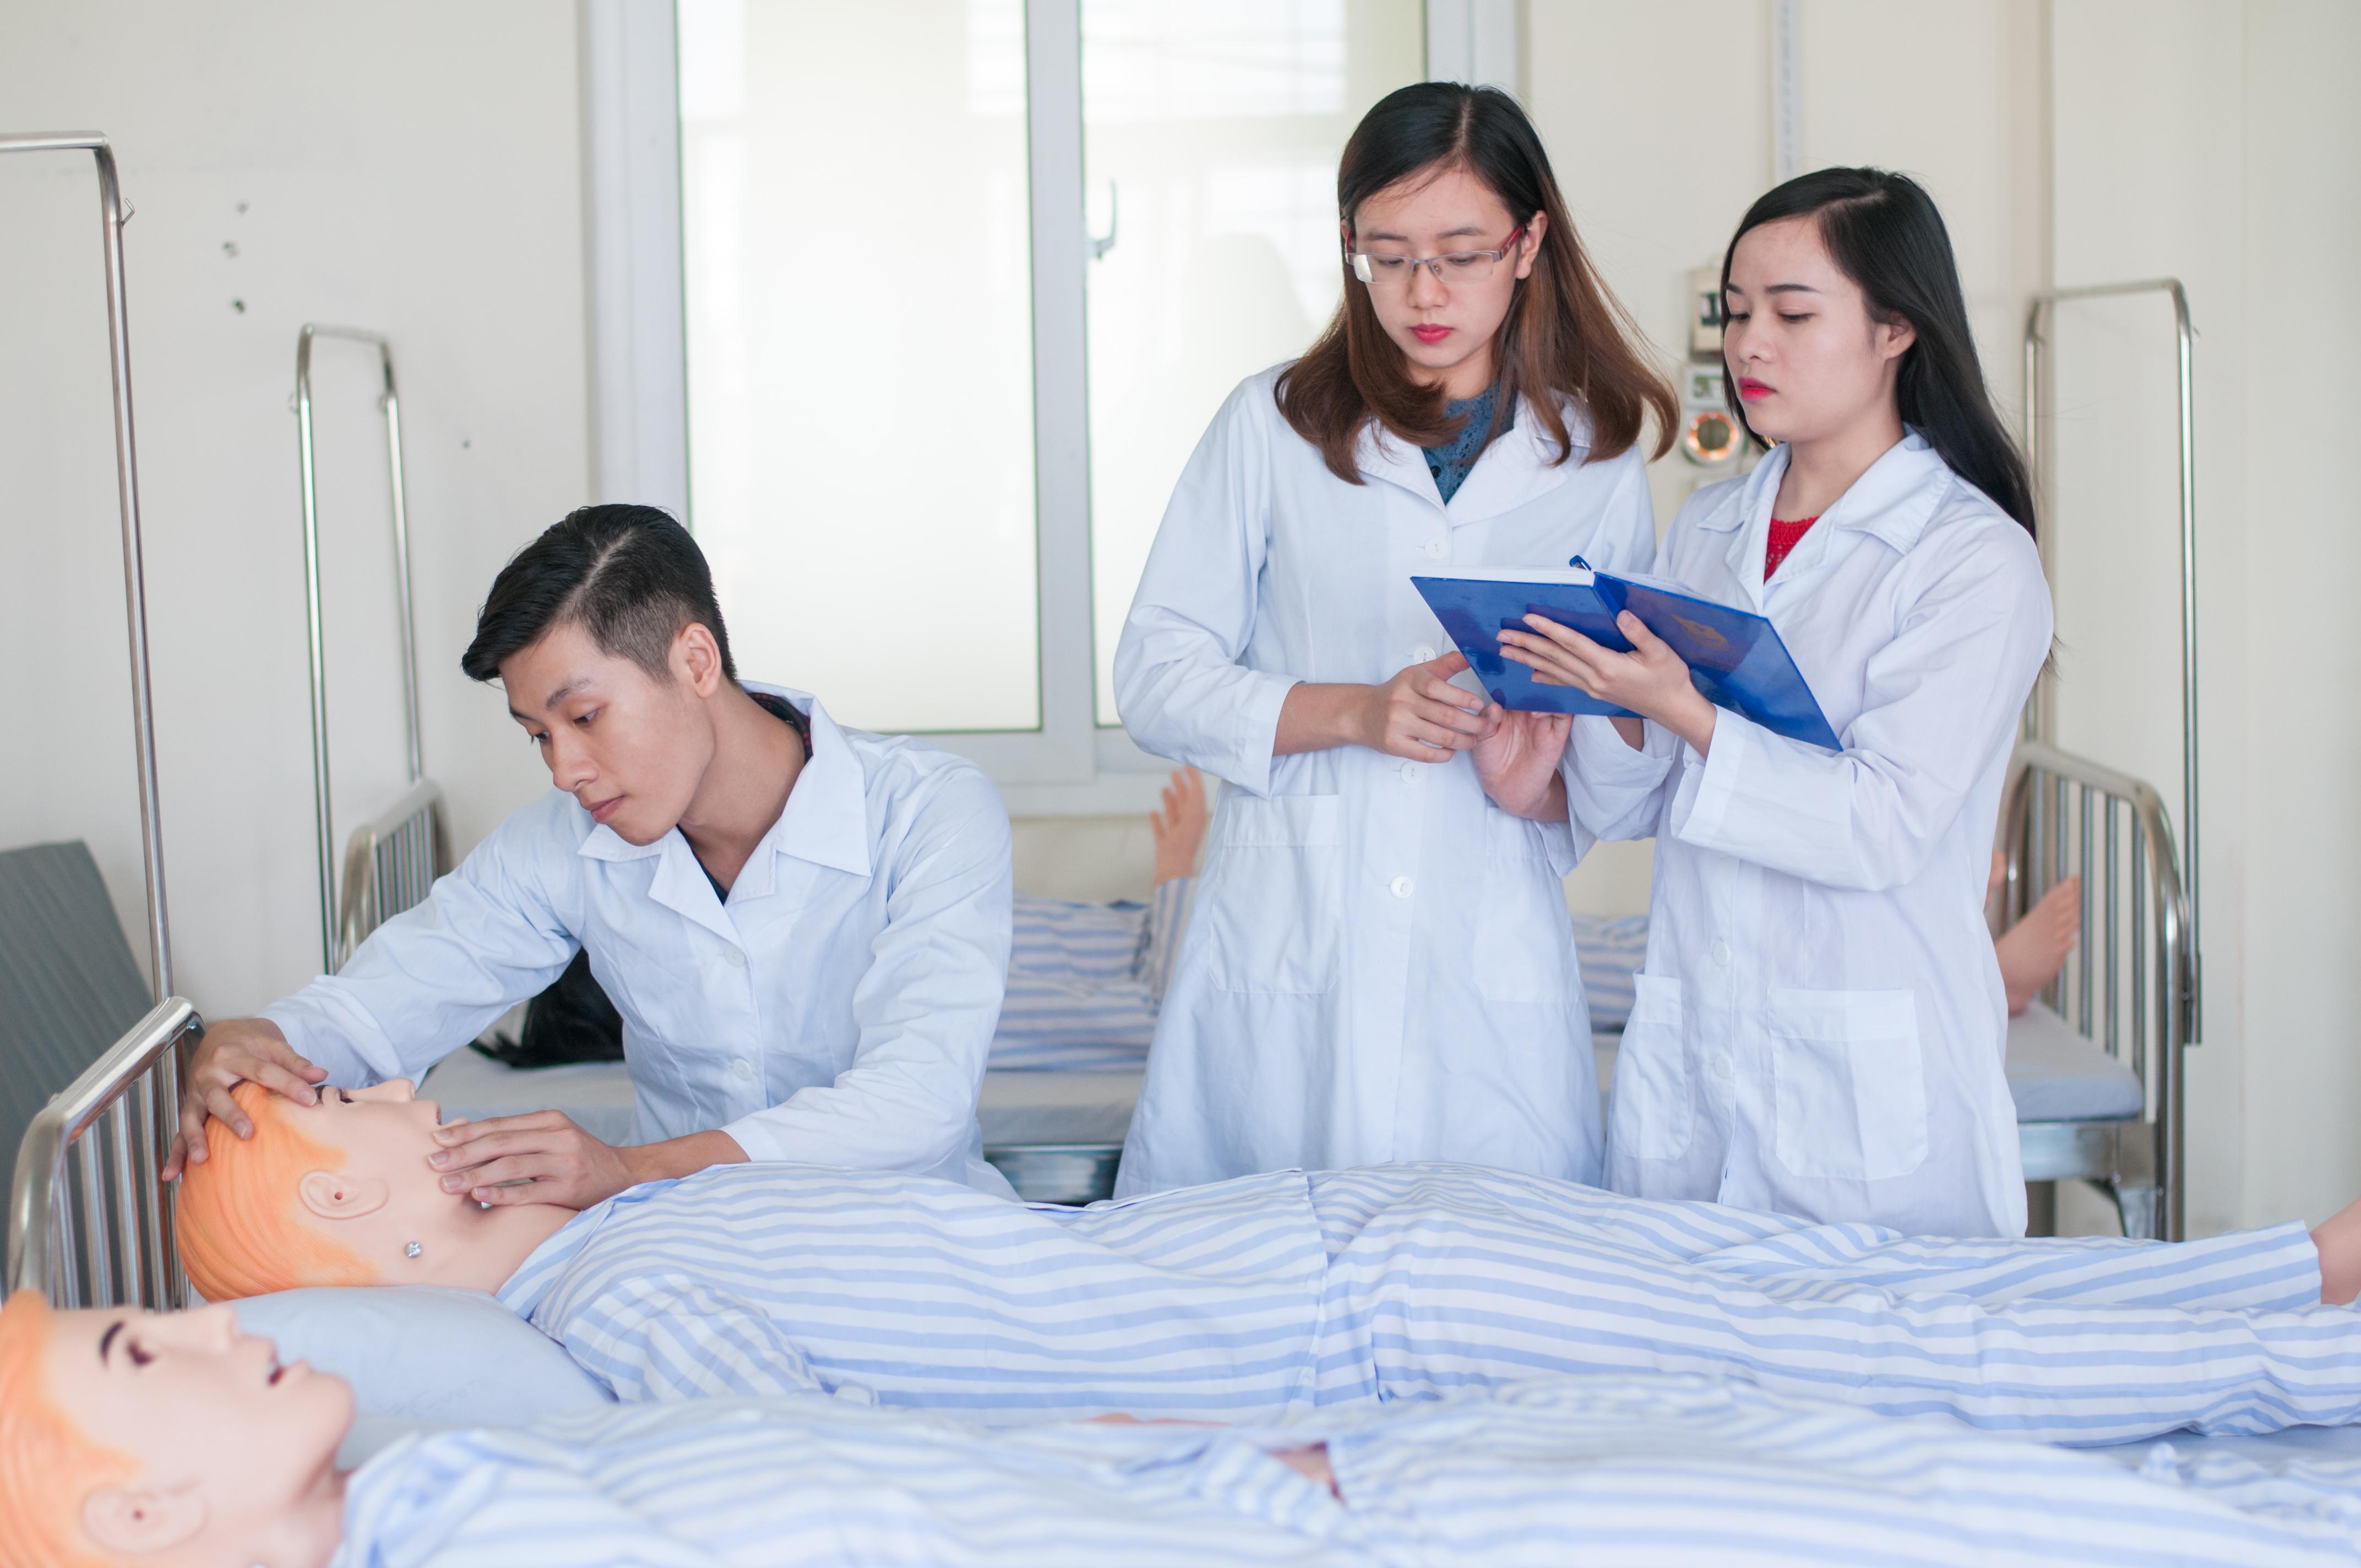 Học Văn bằng 2 Cao đẳng Điều dưỡng cần chọn đúng trường chất lượng